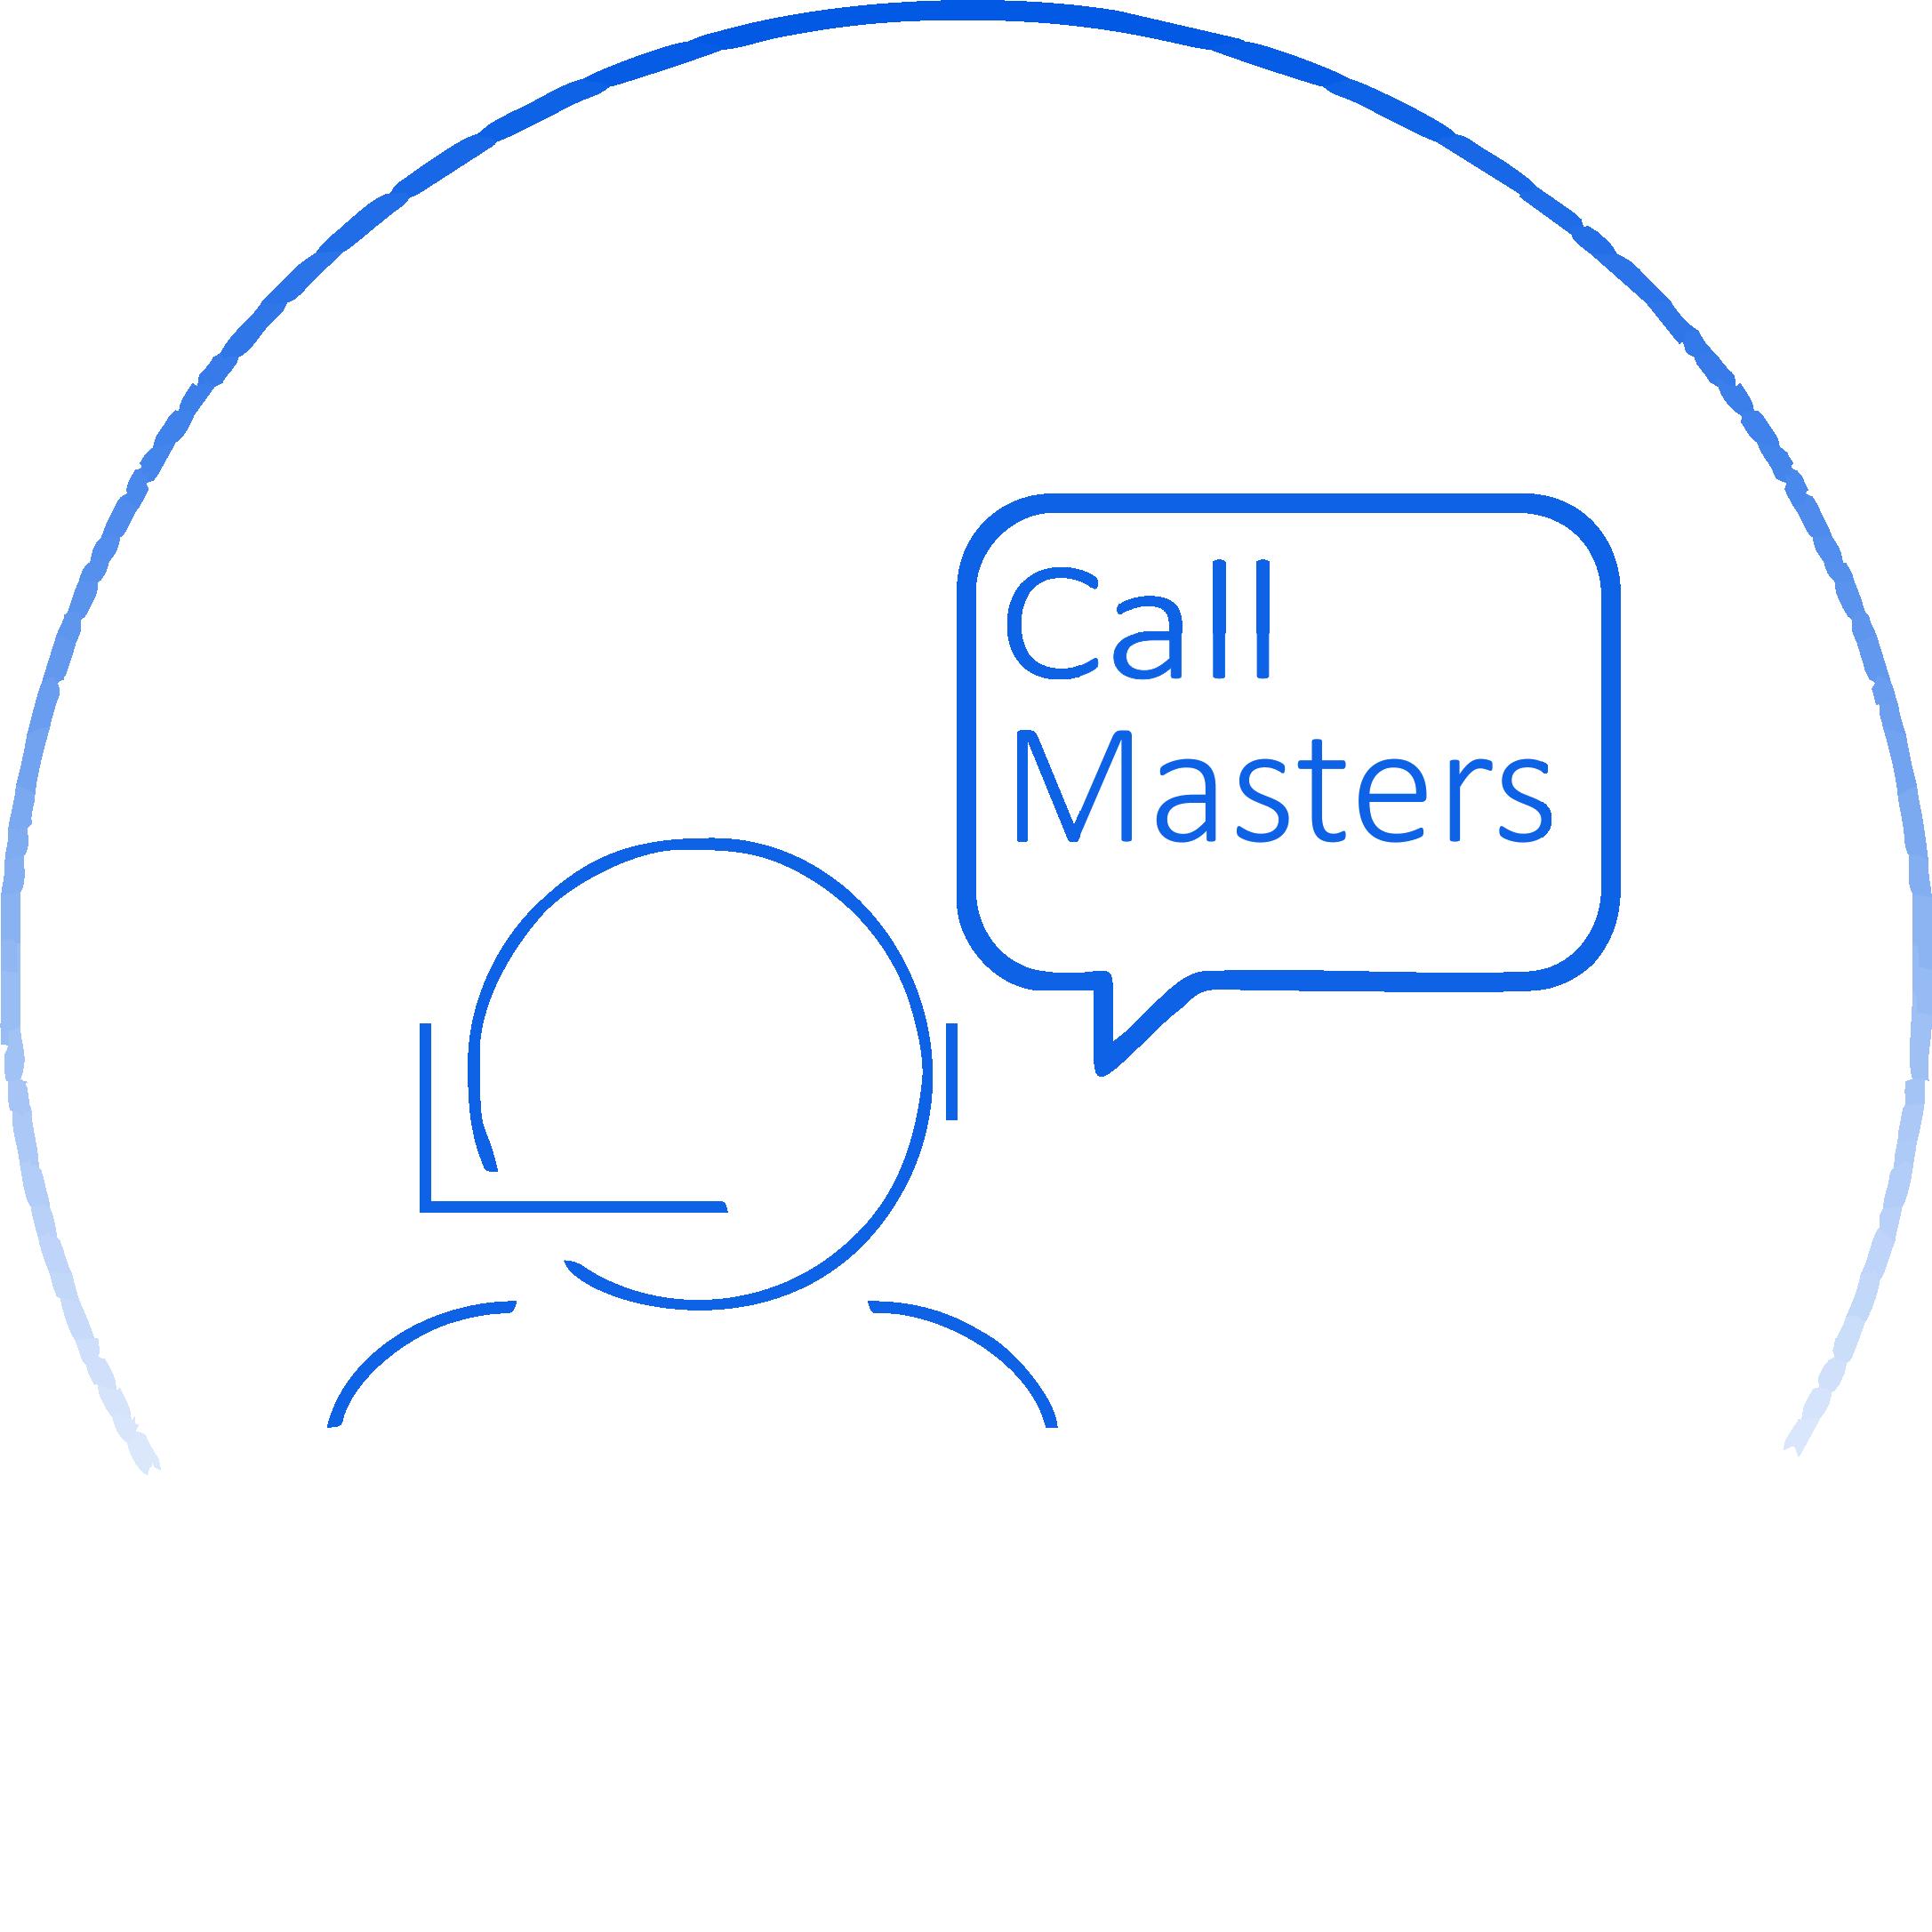 Логотип call-центра Callmasters  фото f_2325b69ef7193dd5.png